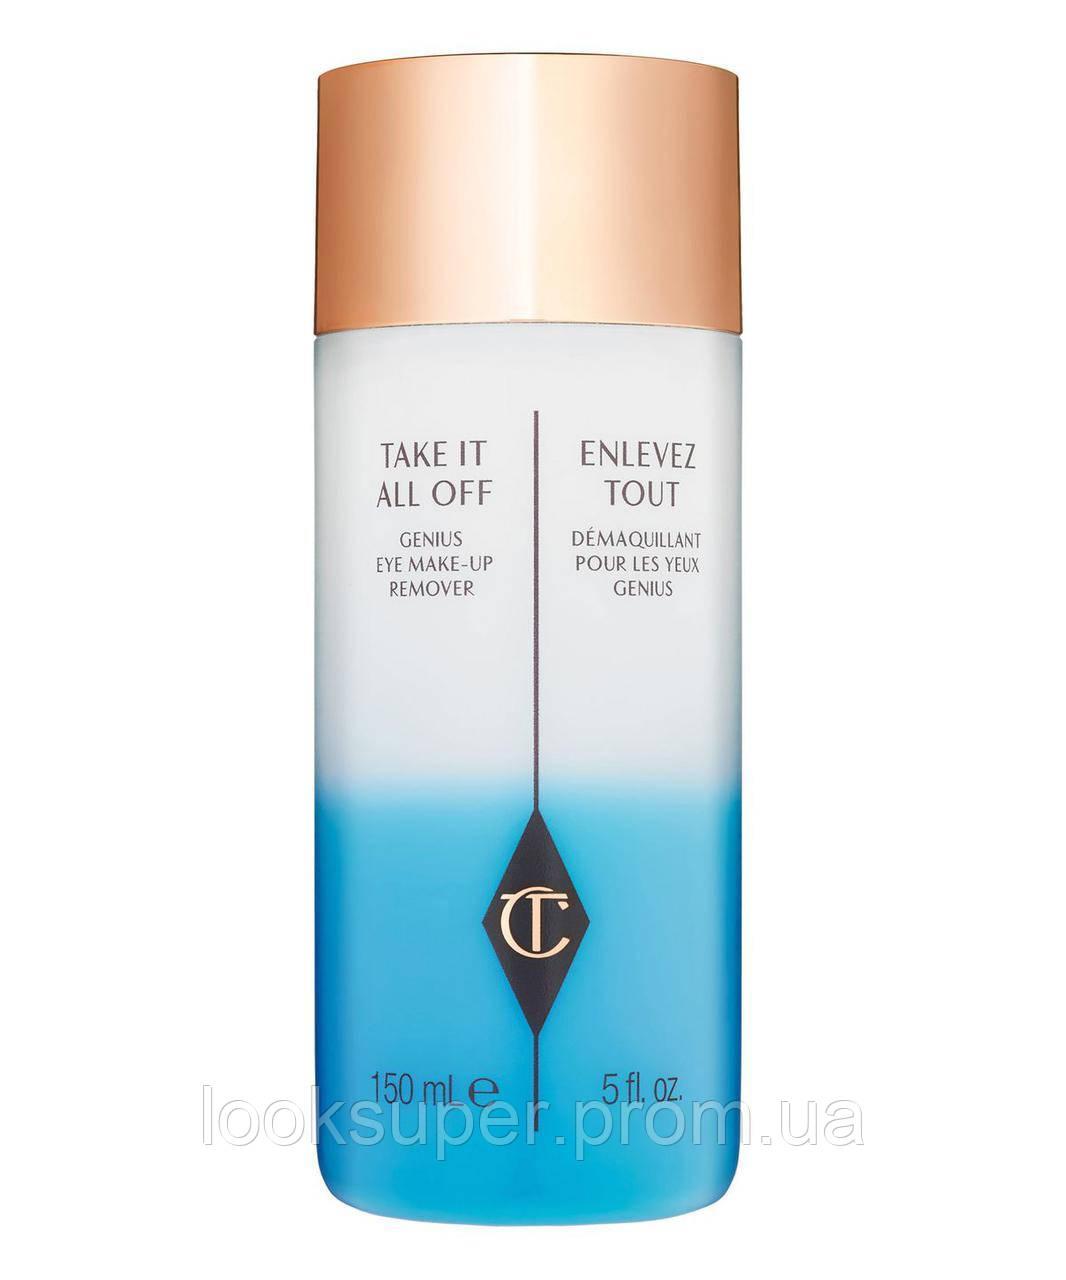 Средство для снятия макияжа Charlotte Tilbury  Take It All Off